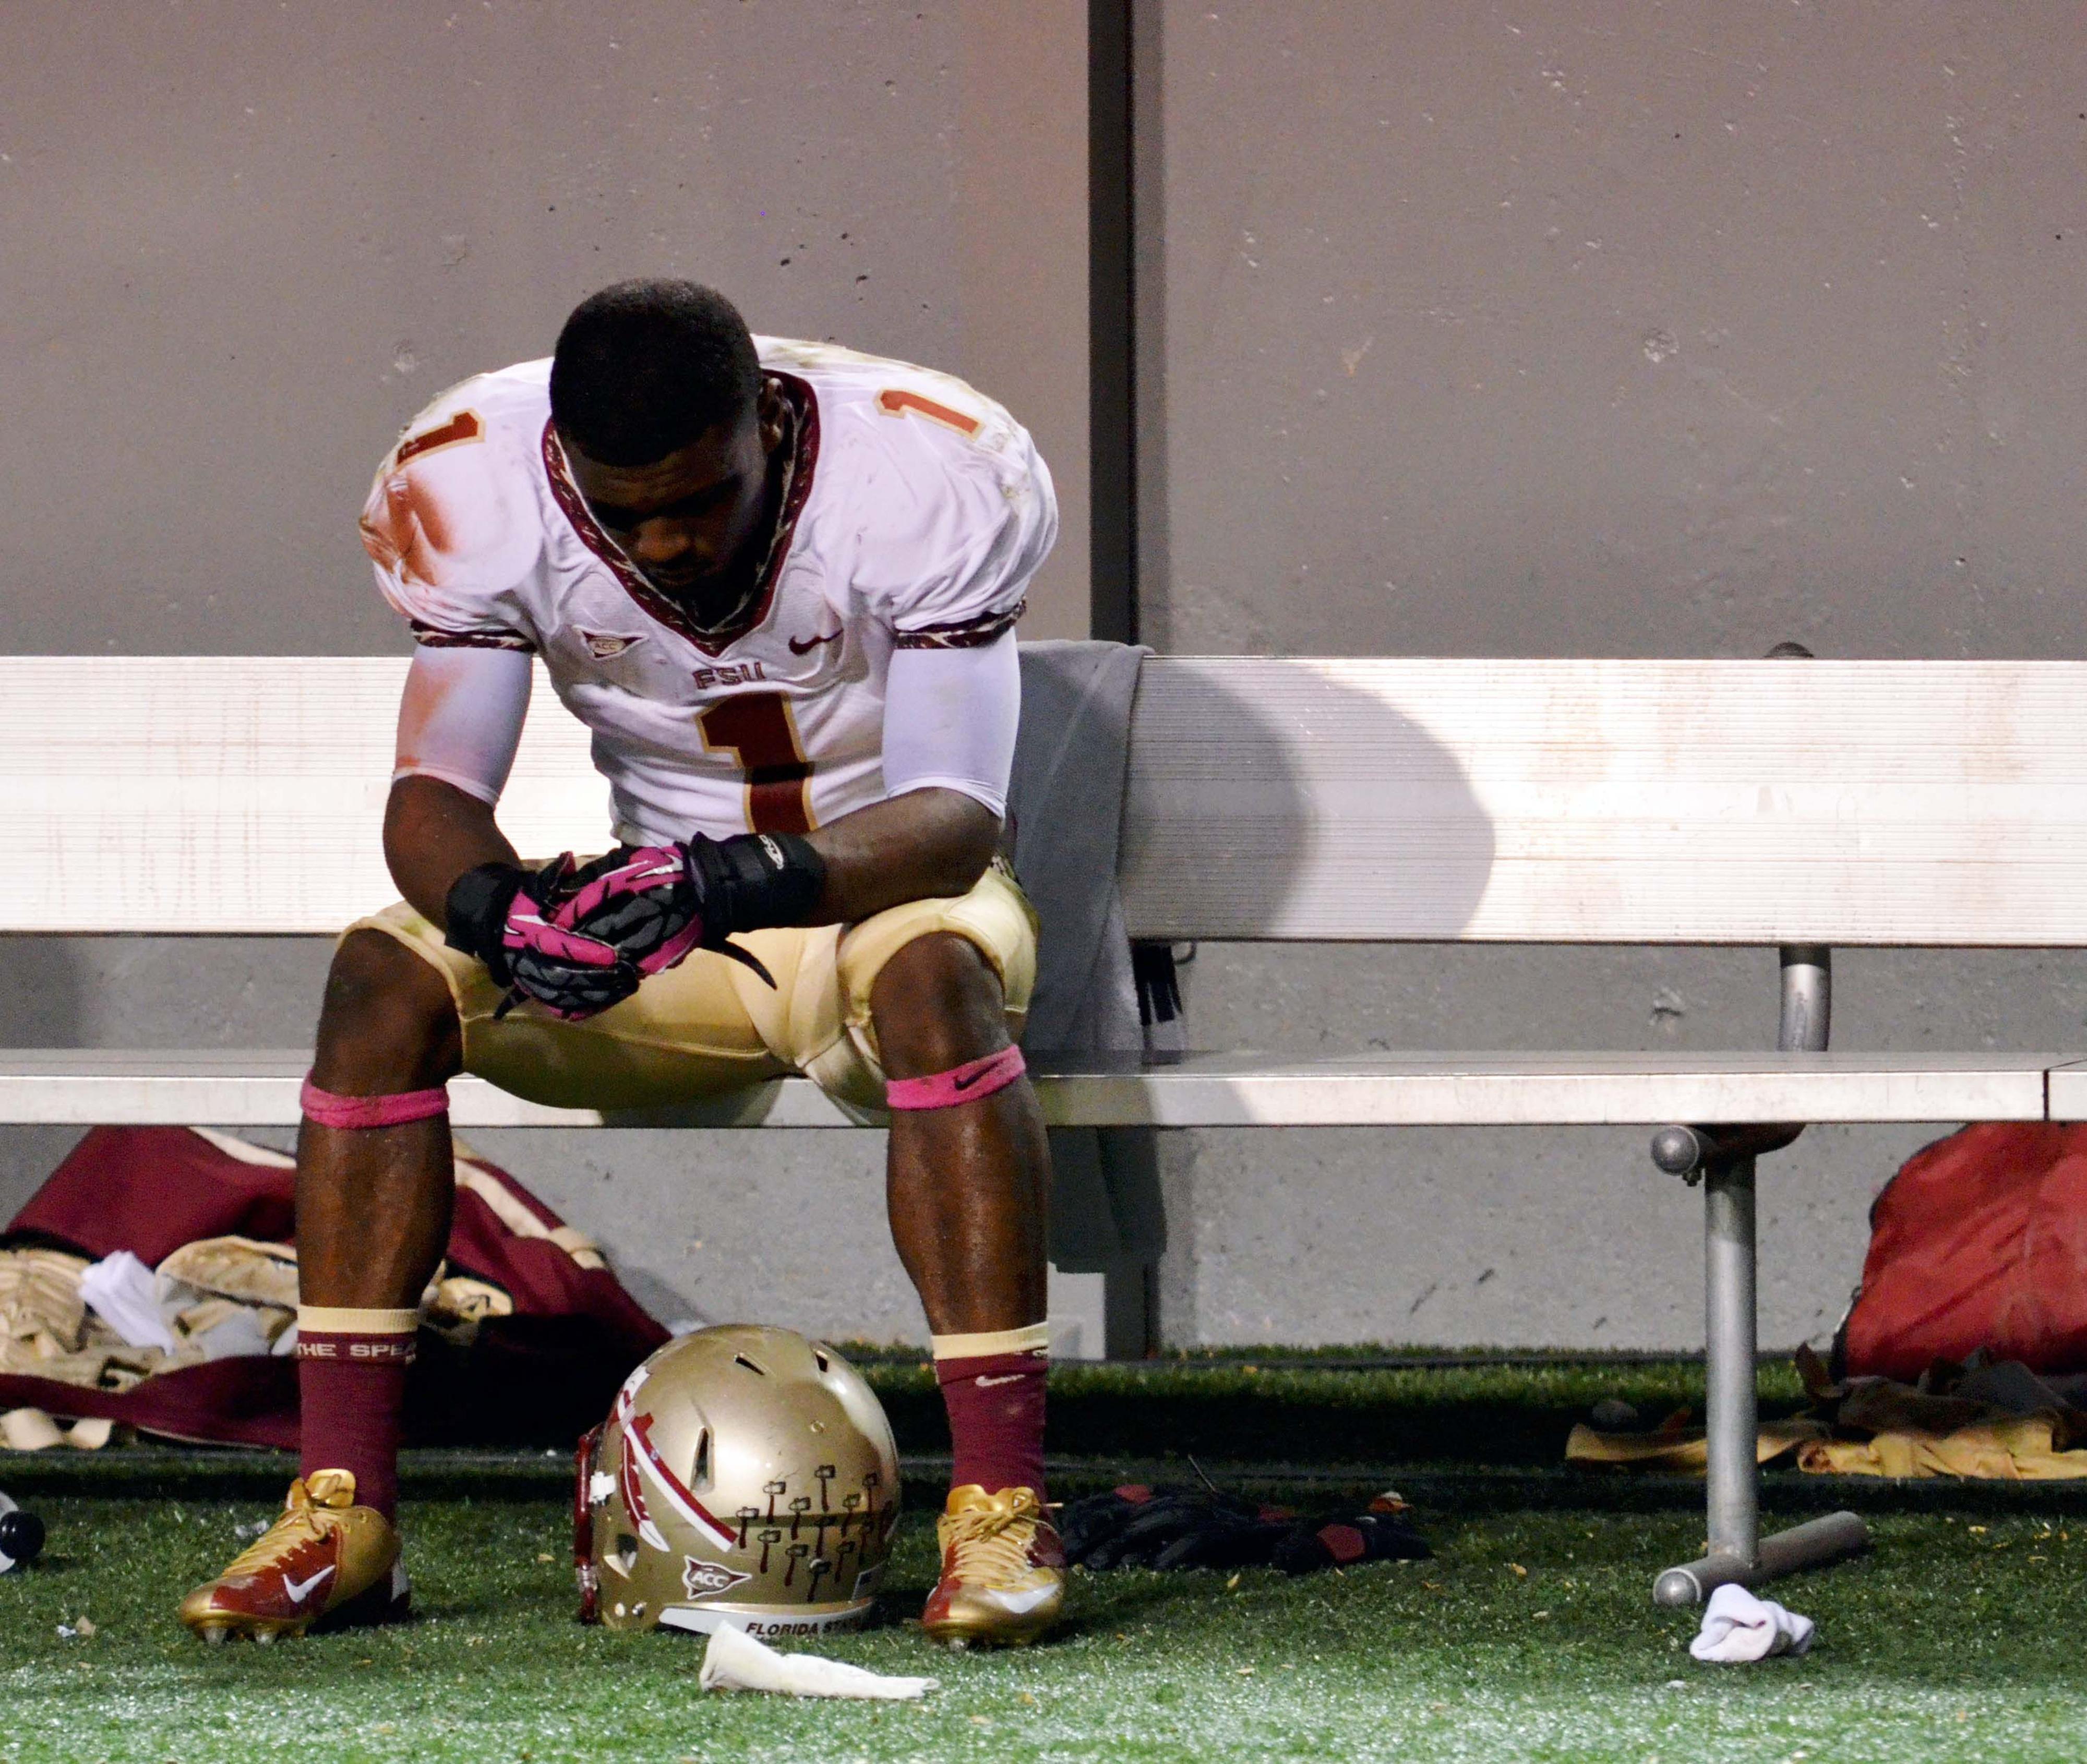 Sad FSU Seminole is sad.